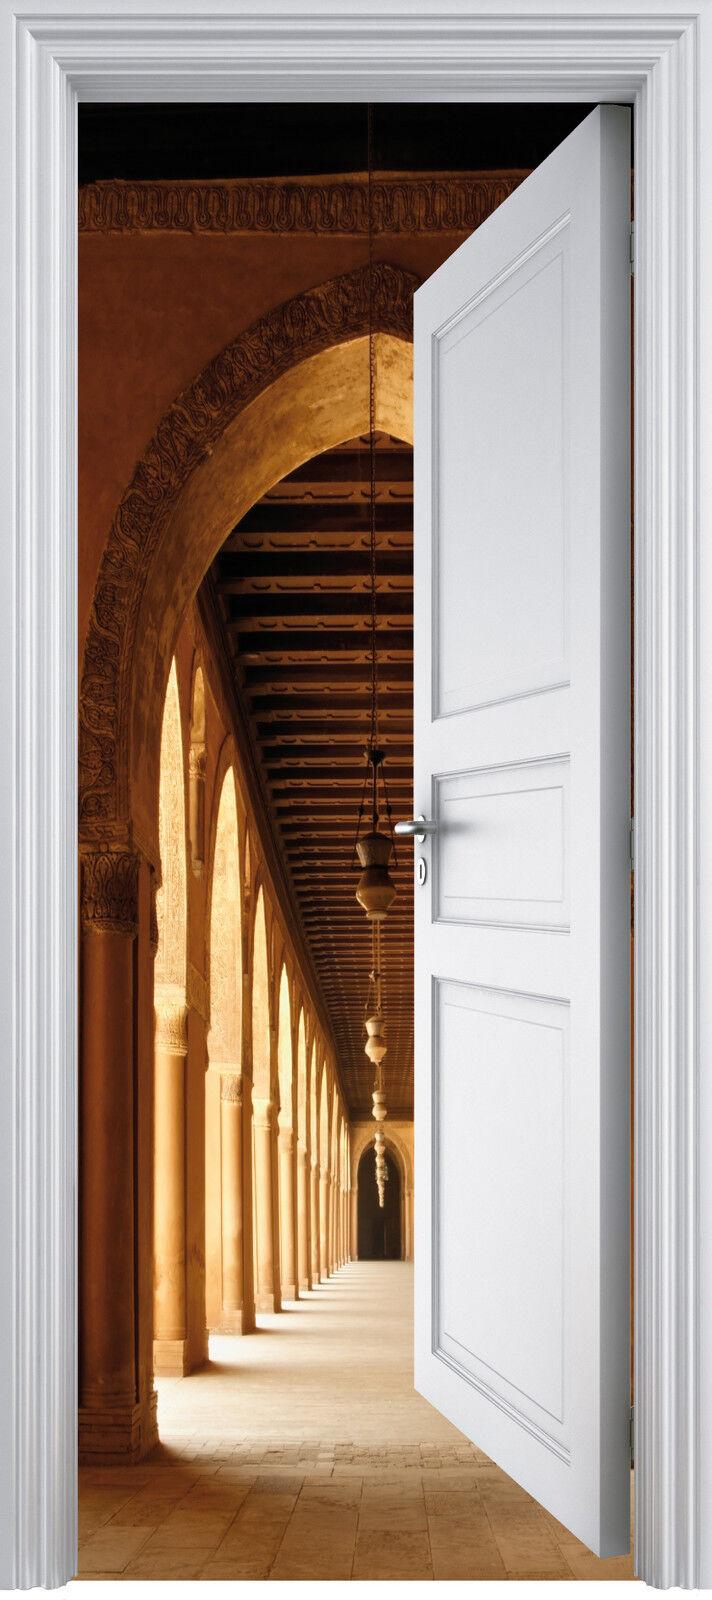 Aufkleber Tür Schein Auge Gewölbe 90x200 cm Ref 328